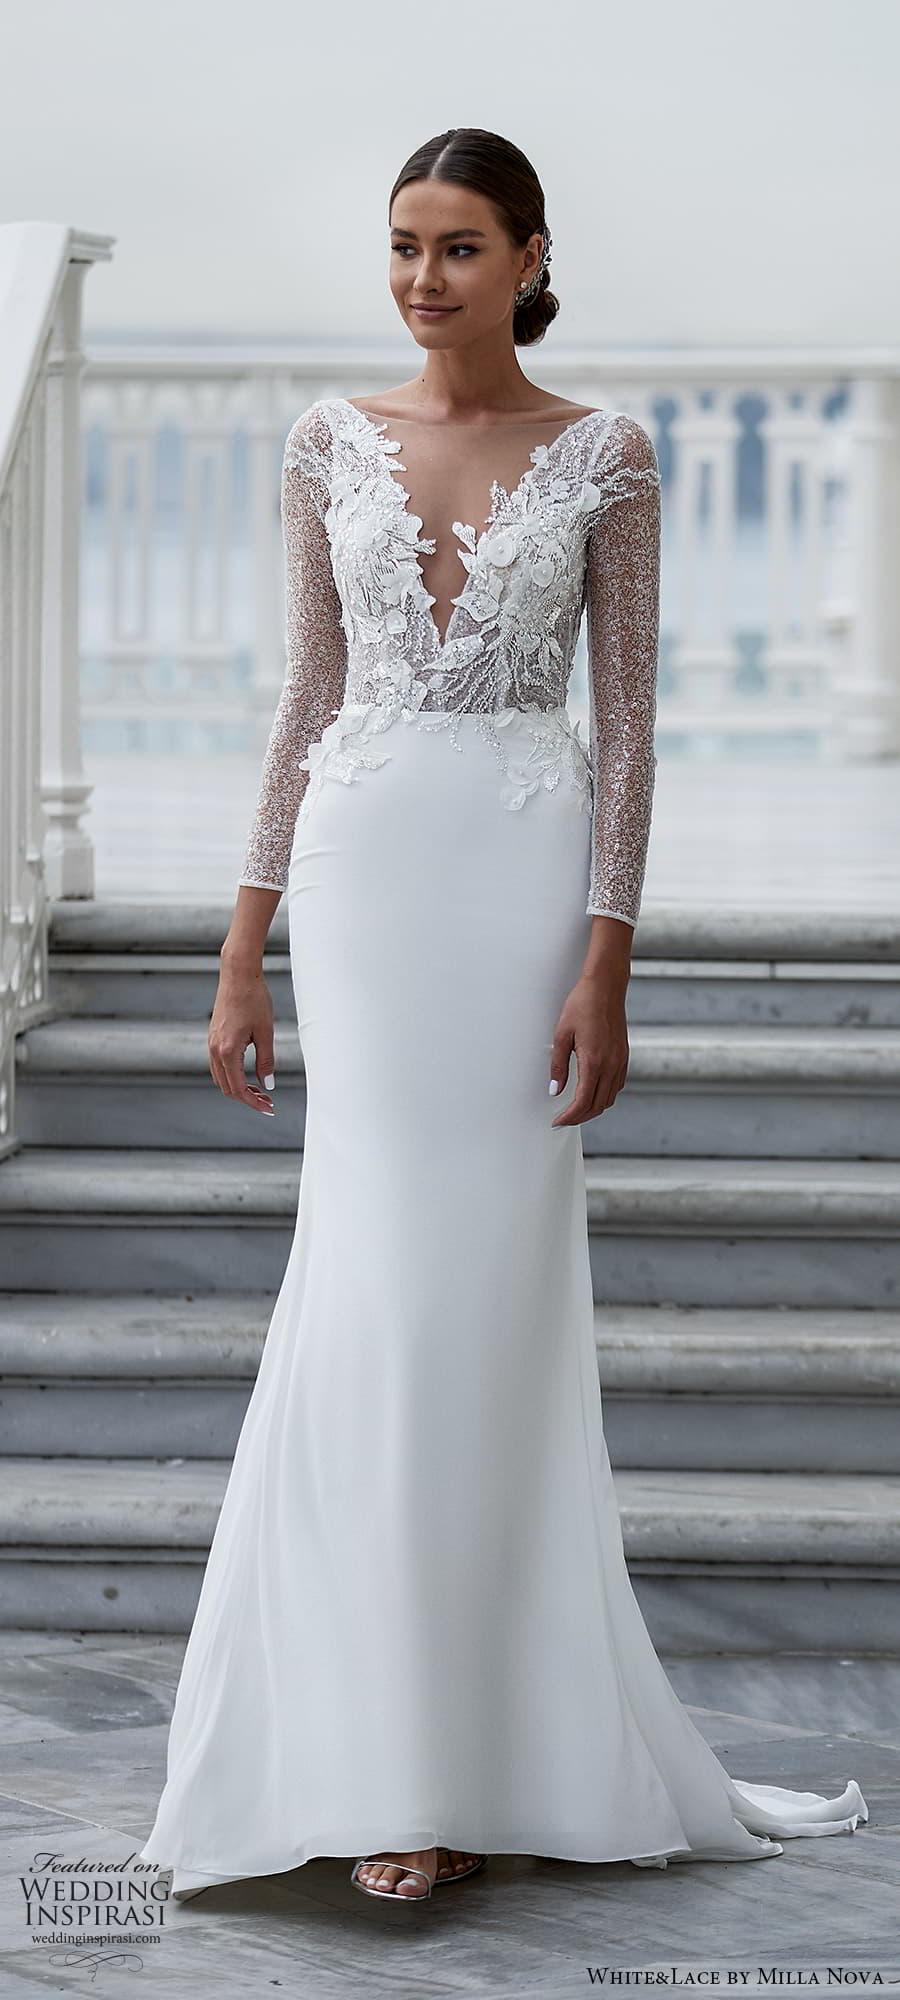 white lace milla nova 2022 bridal long sleeve plunging v neckline fully embellished sheath wedding dress (36) mv